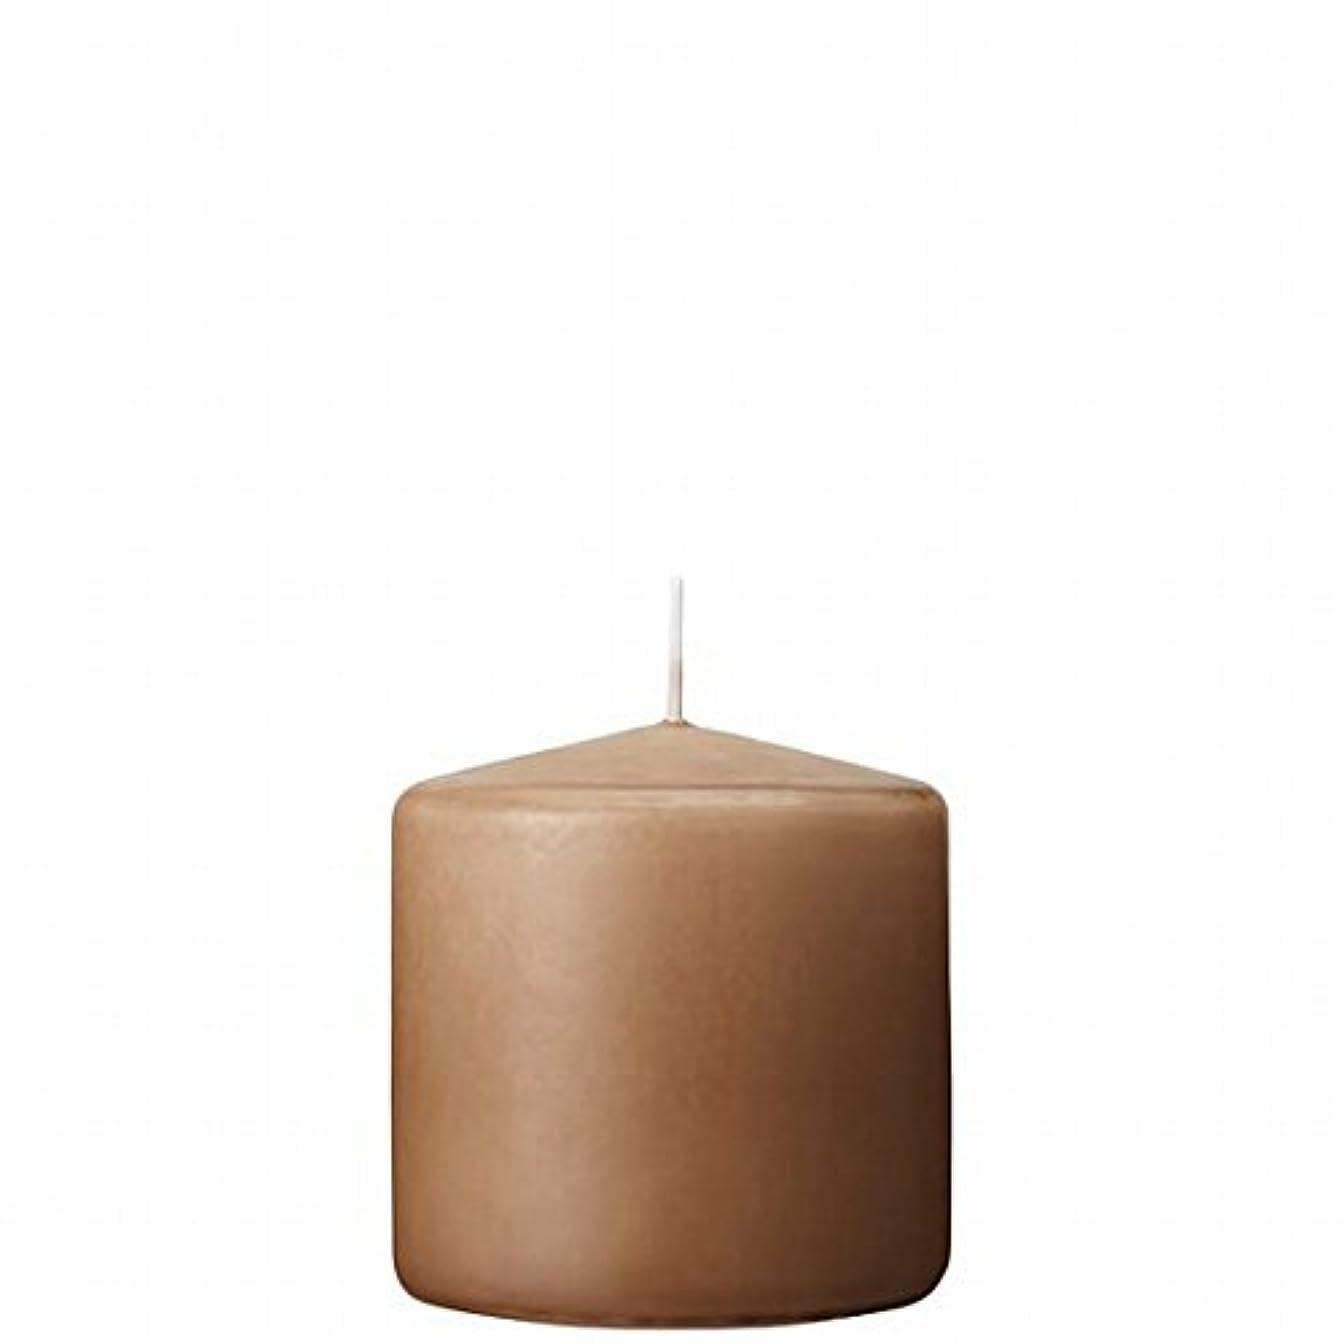 知っているに立ち寄る哲学的根拠カメヤマキャンドル( kameyama candle ) 3×3ベルトップピラーキャンドル 「 モカ 」